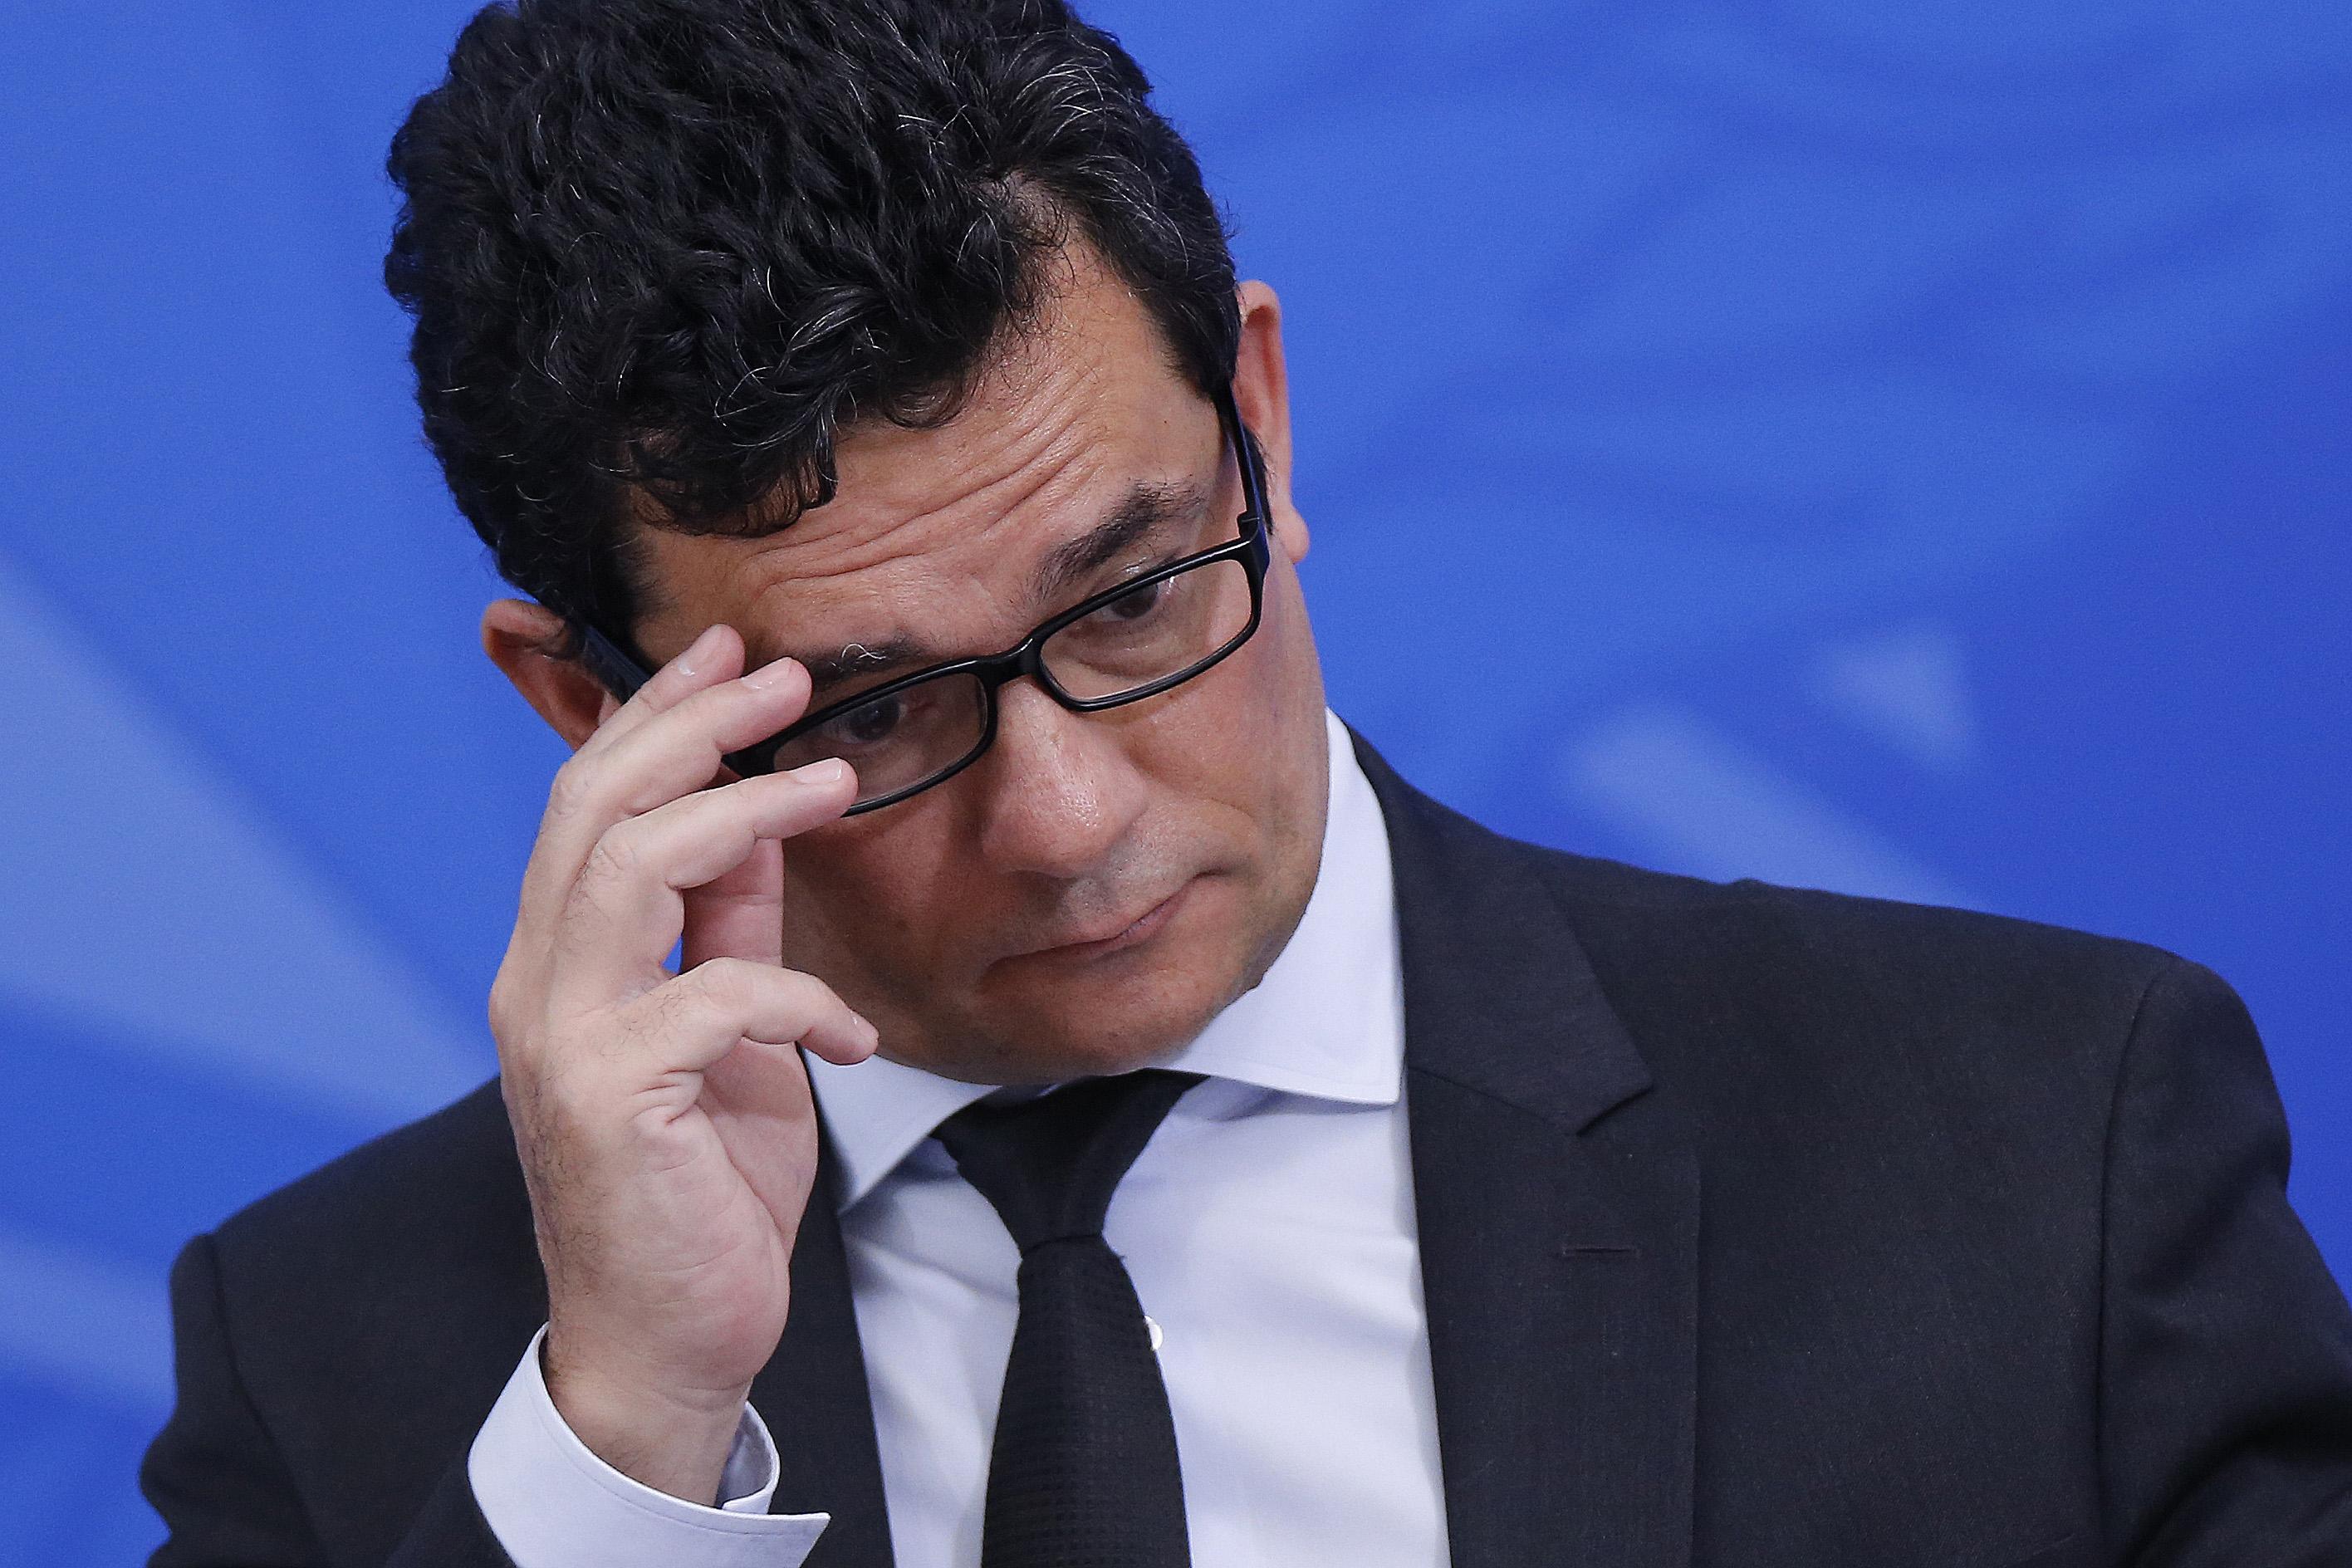 IMAGEM: Moro fala a jornal espanhol e diz não ver risco de ruptura democrática